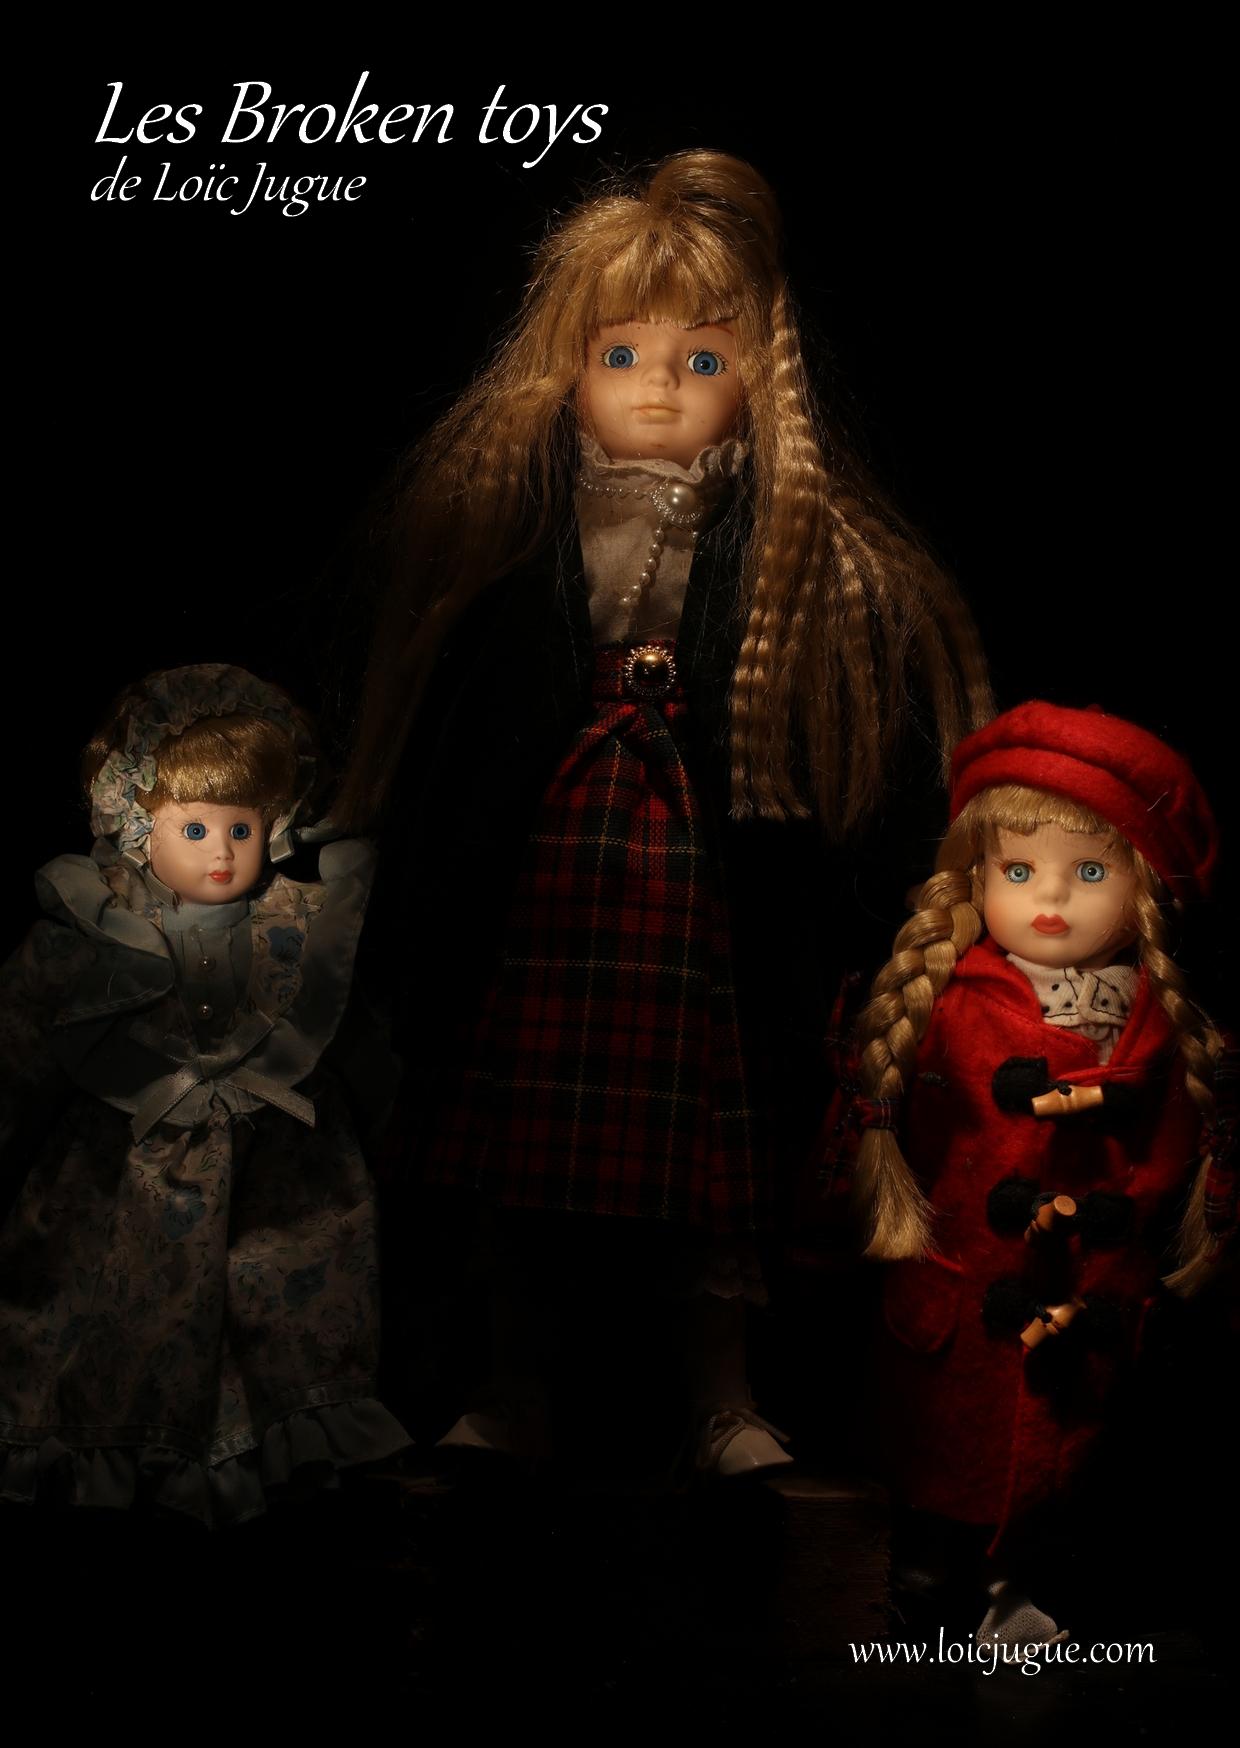 Les broken toys de Loïc Jugue: Les trois soeurs